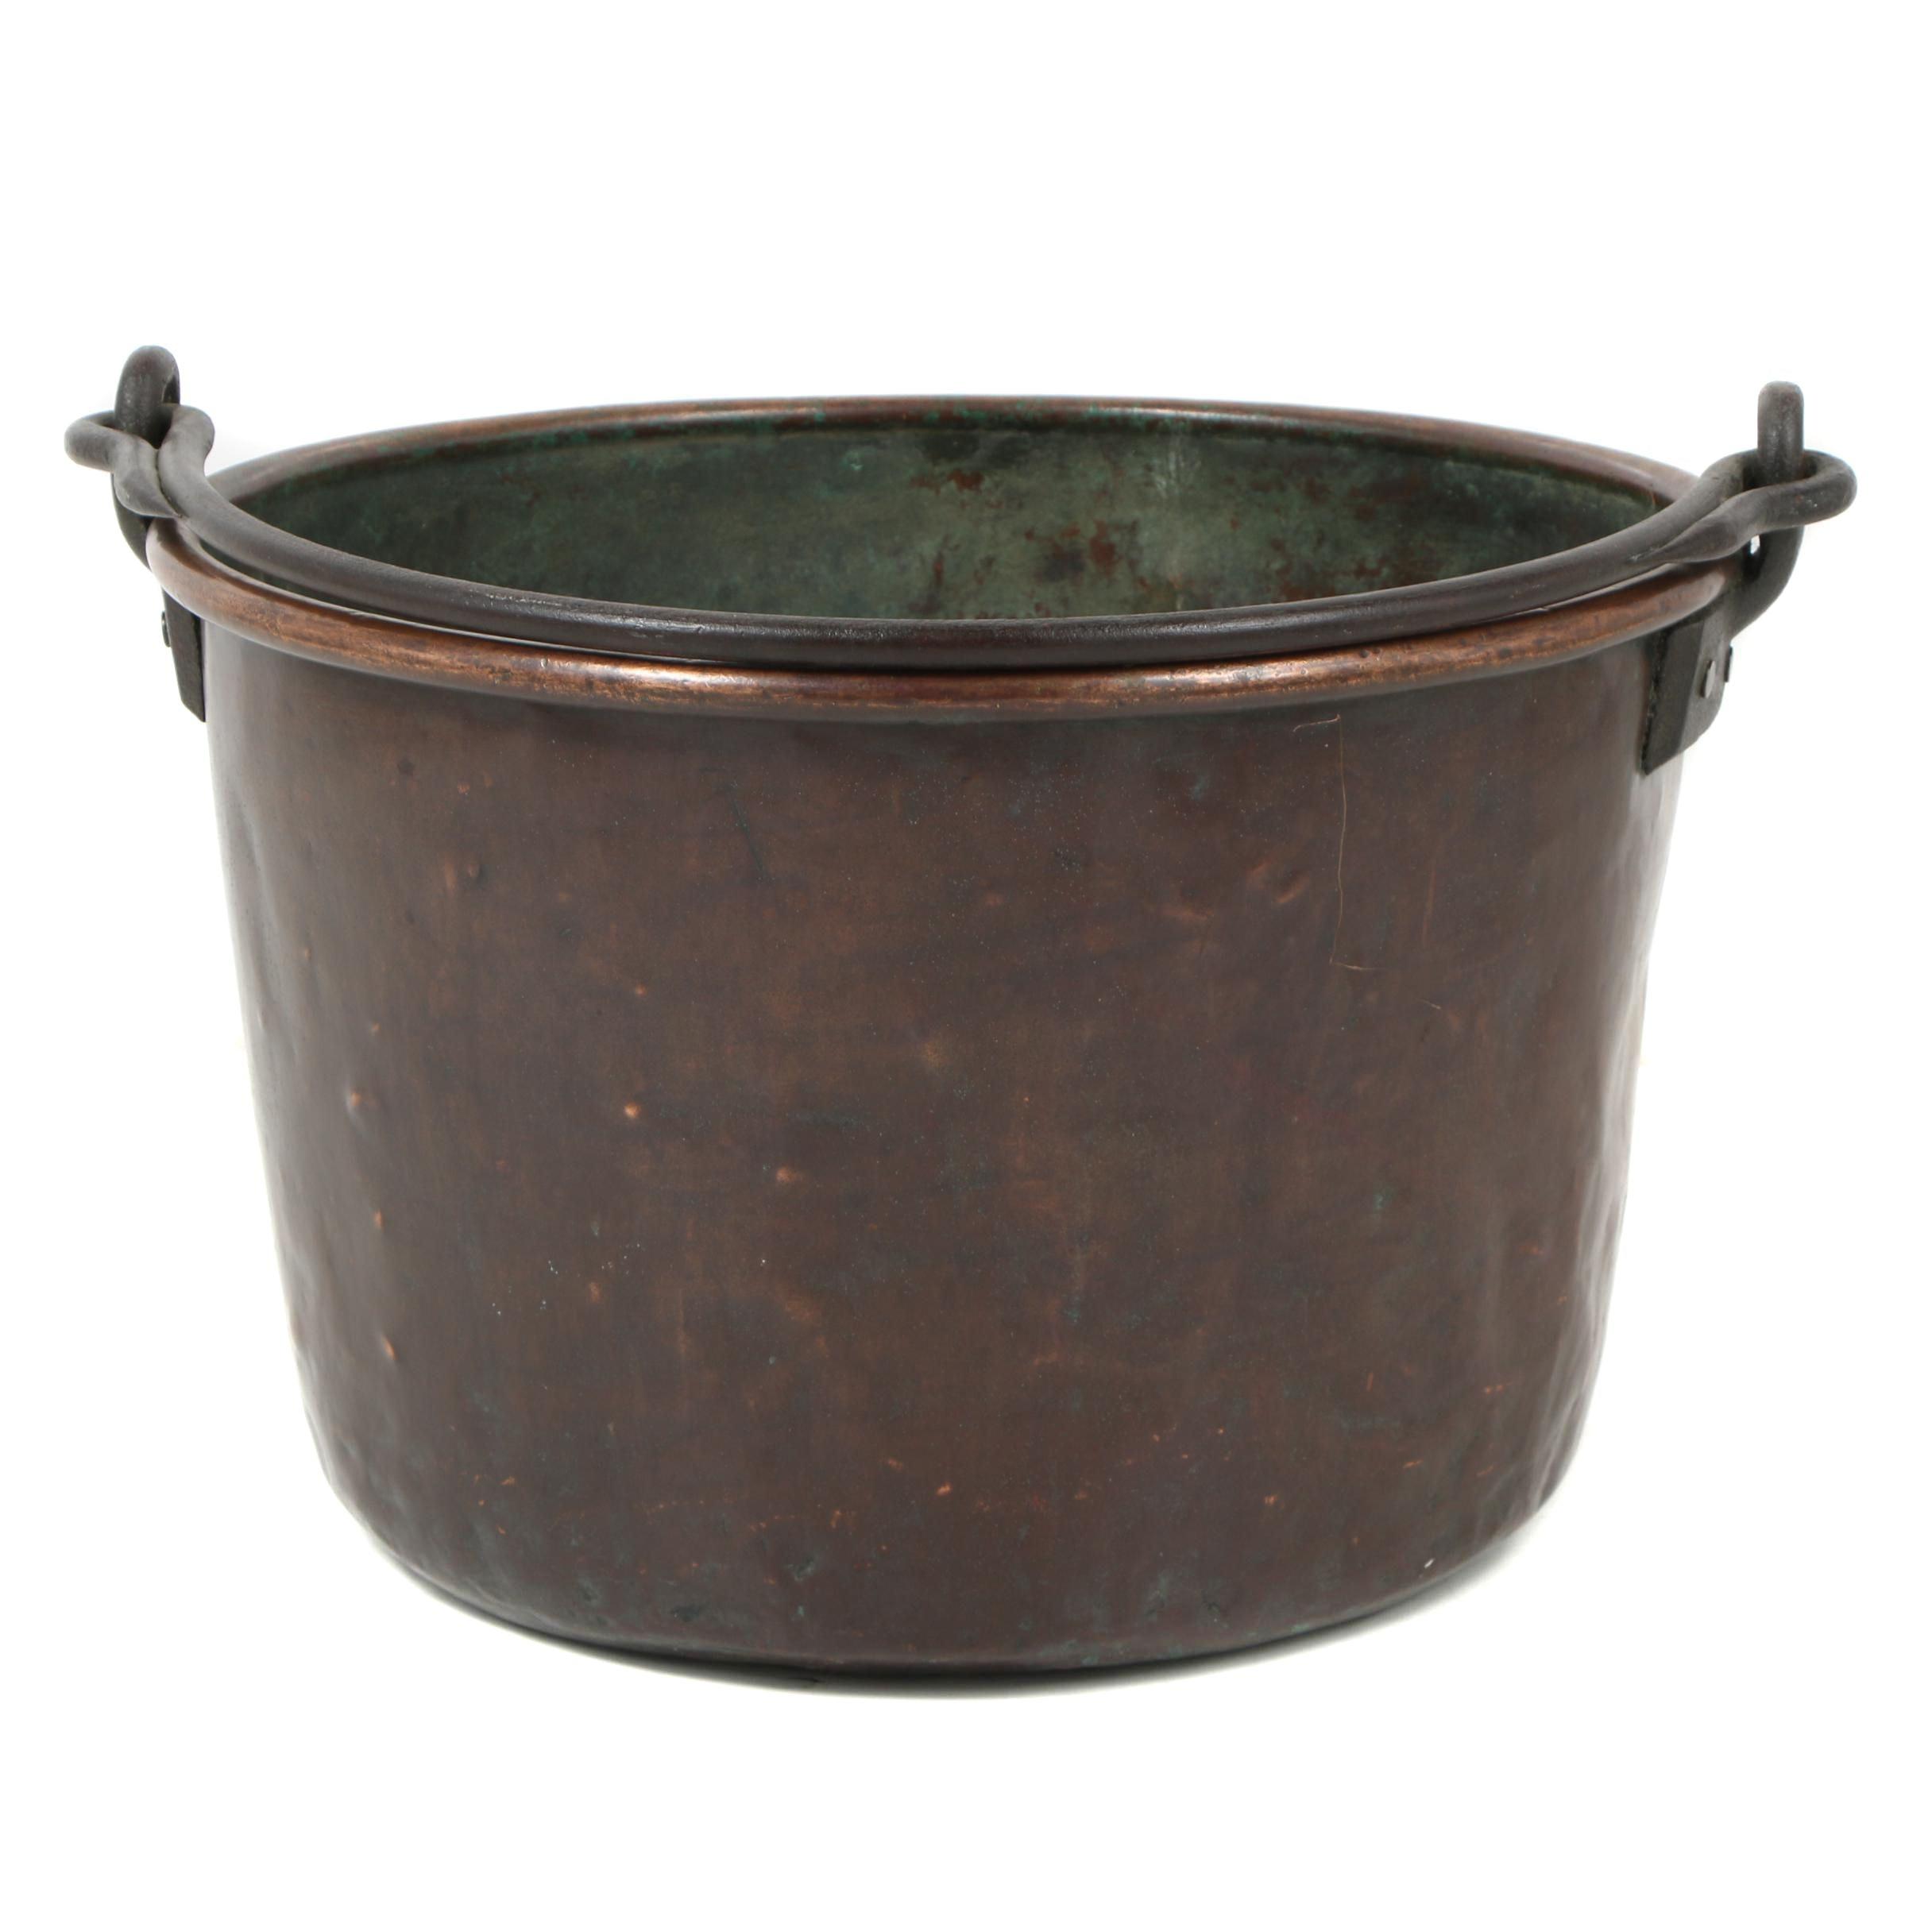 Decorative Large Copper Pot